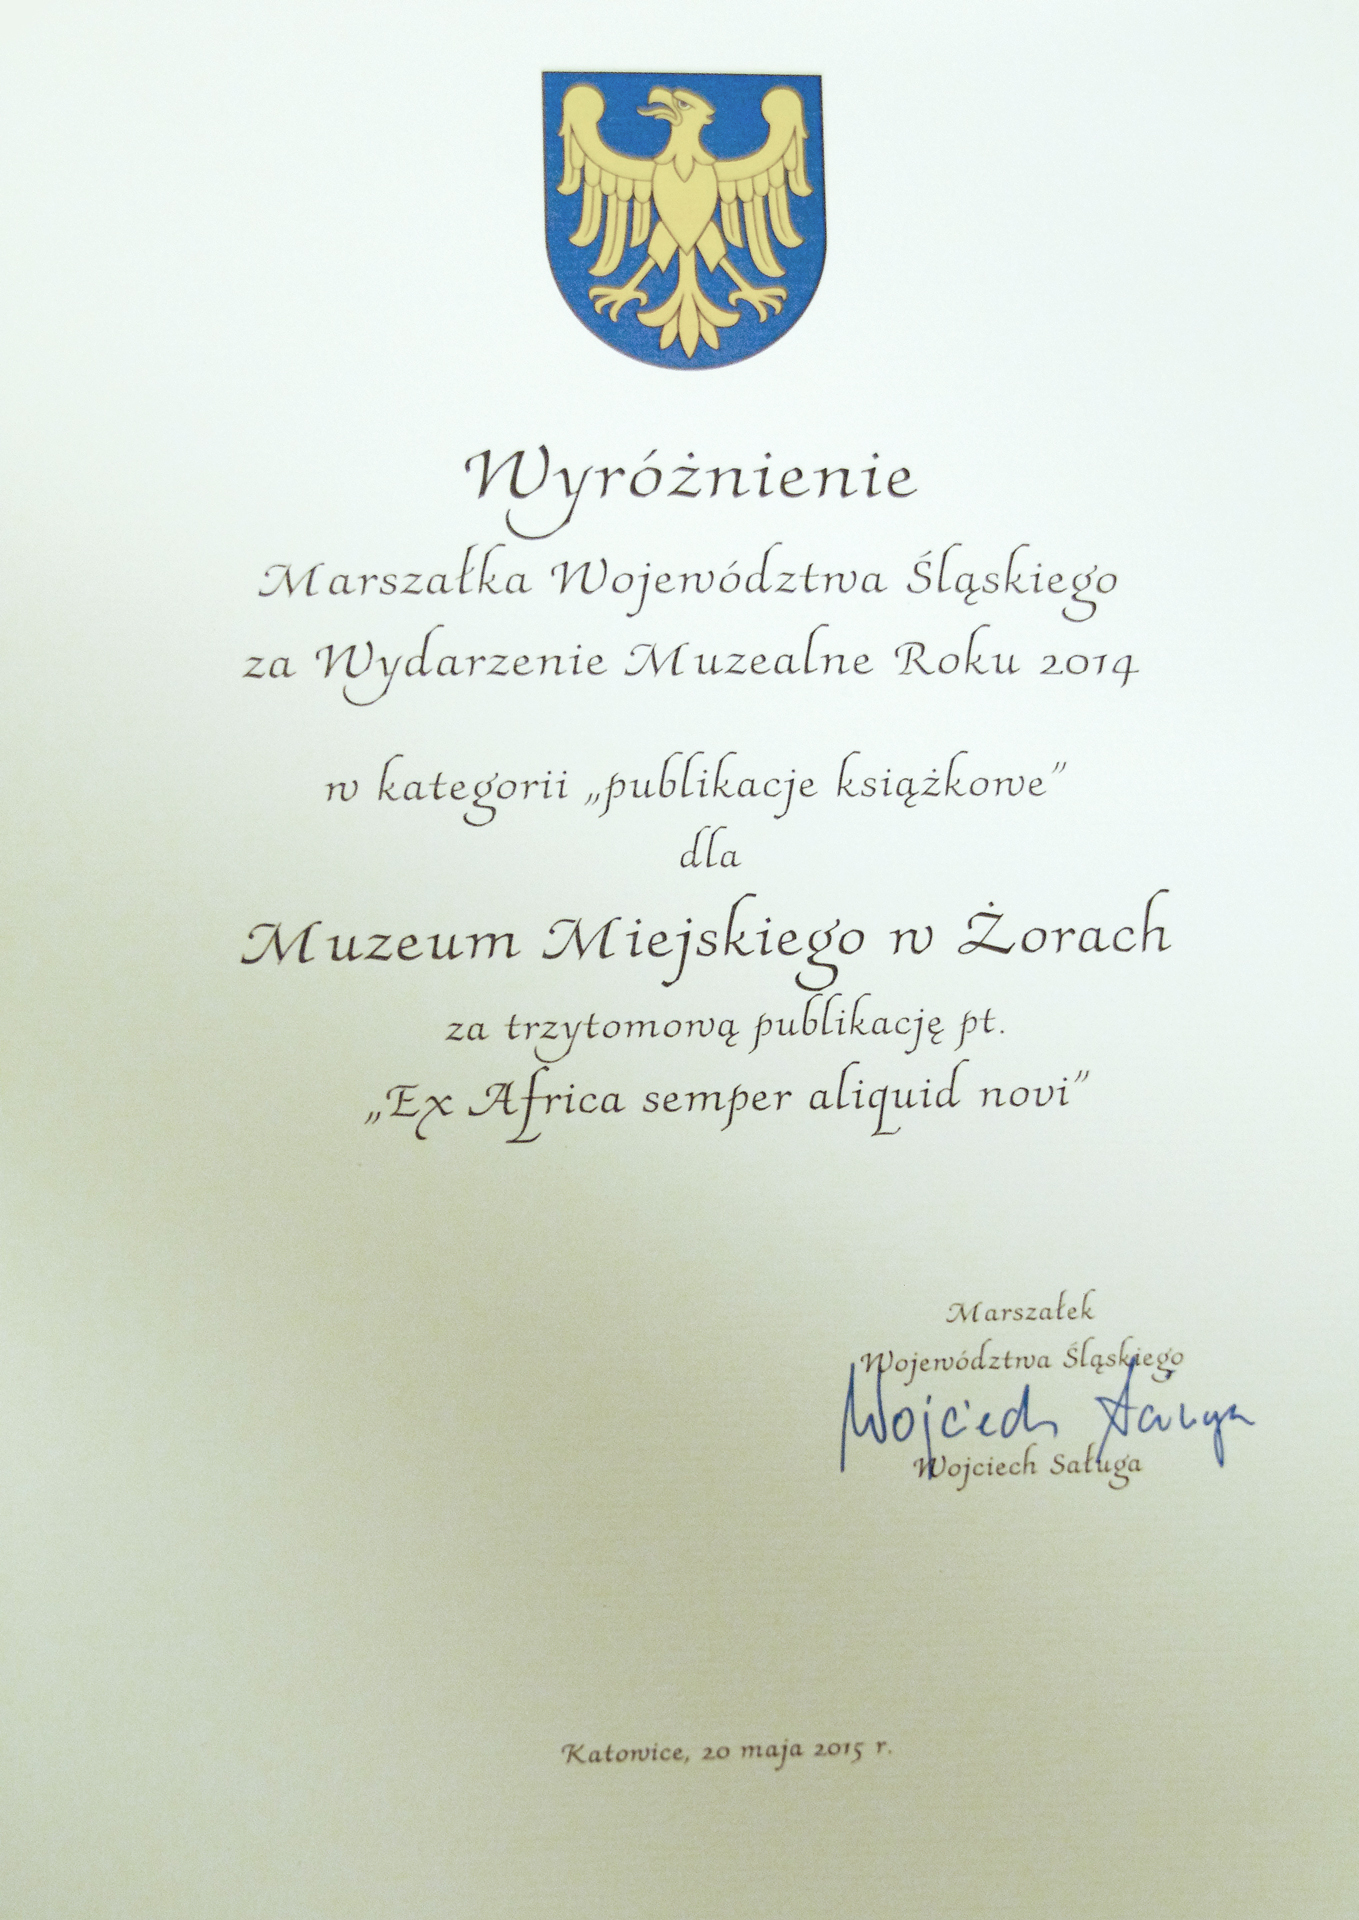 Nagroda Marszałka Województwa Śląskiego 2015